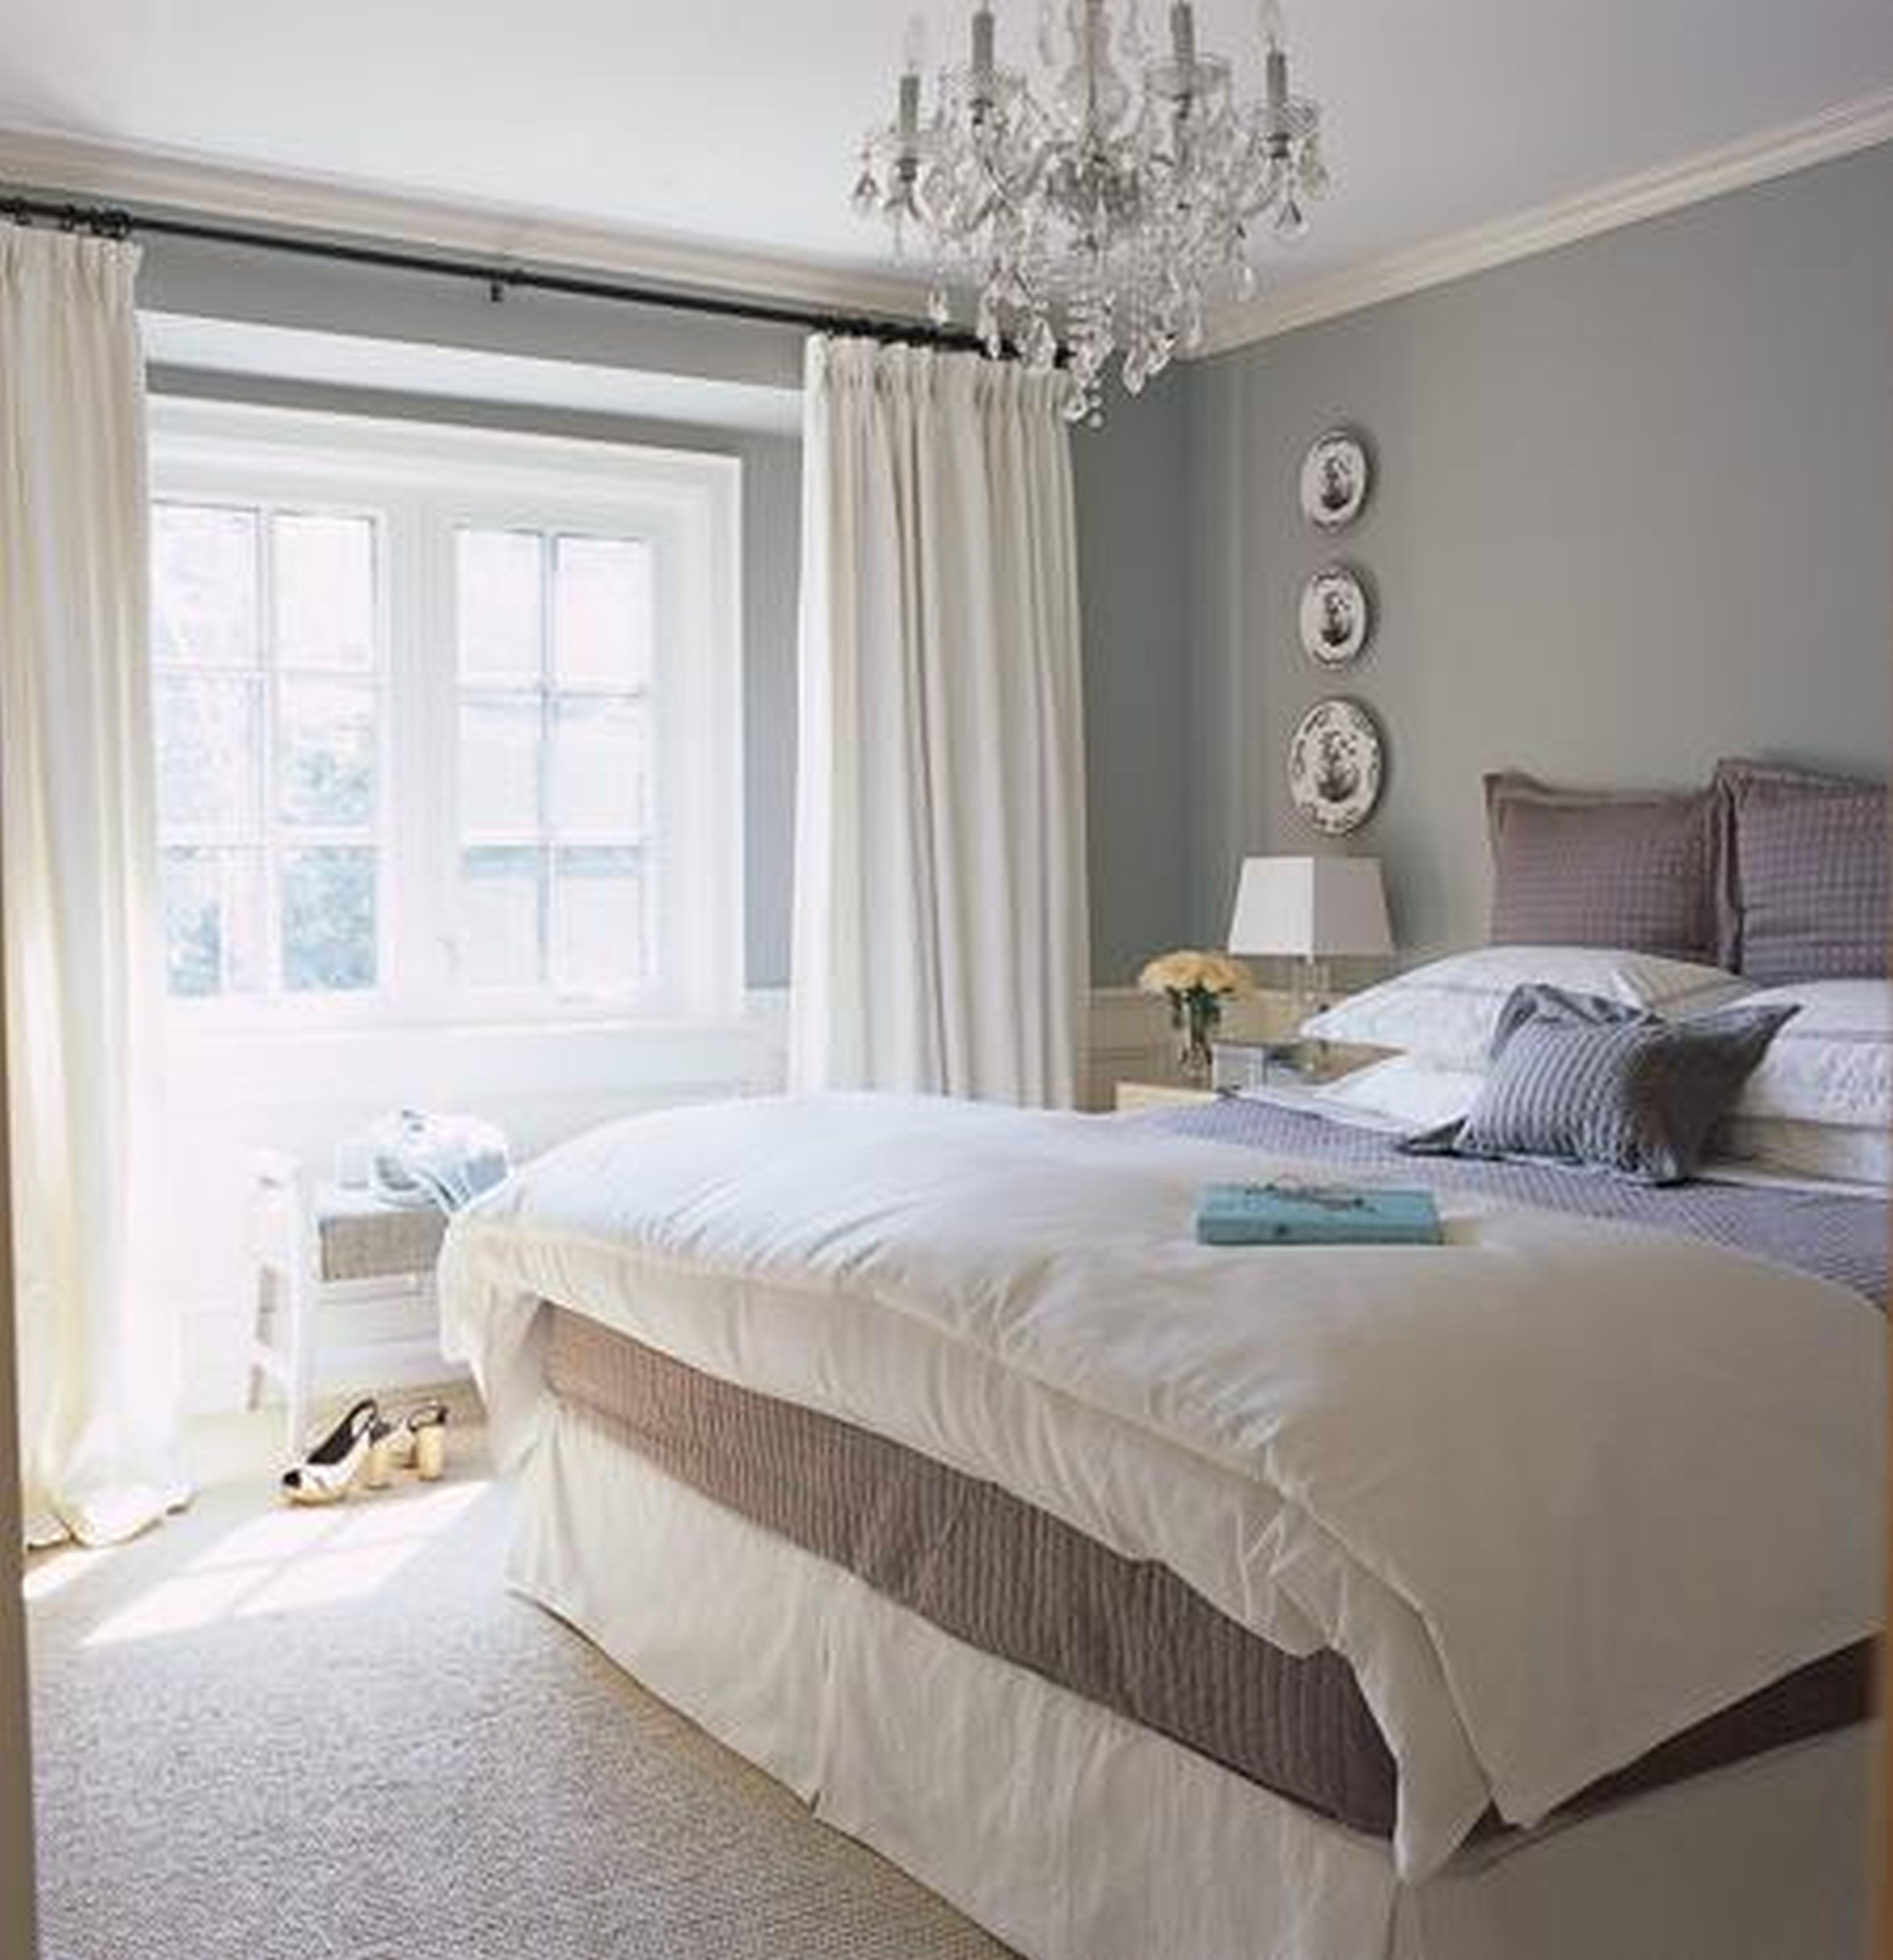 Idea langsir tingkap moden sesuai untuk ruang bilik tidur